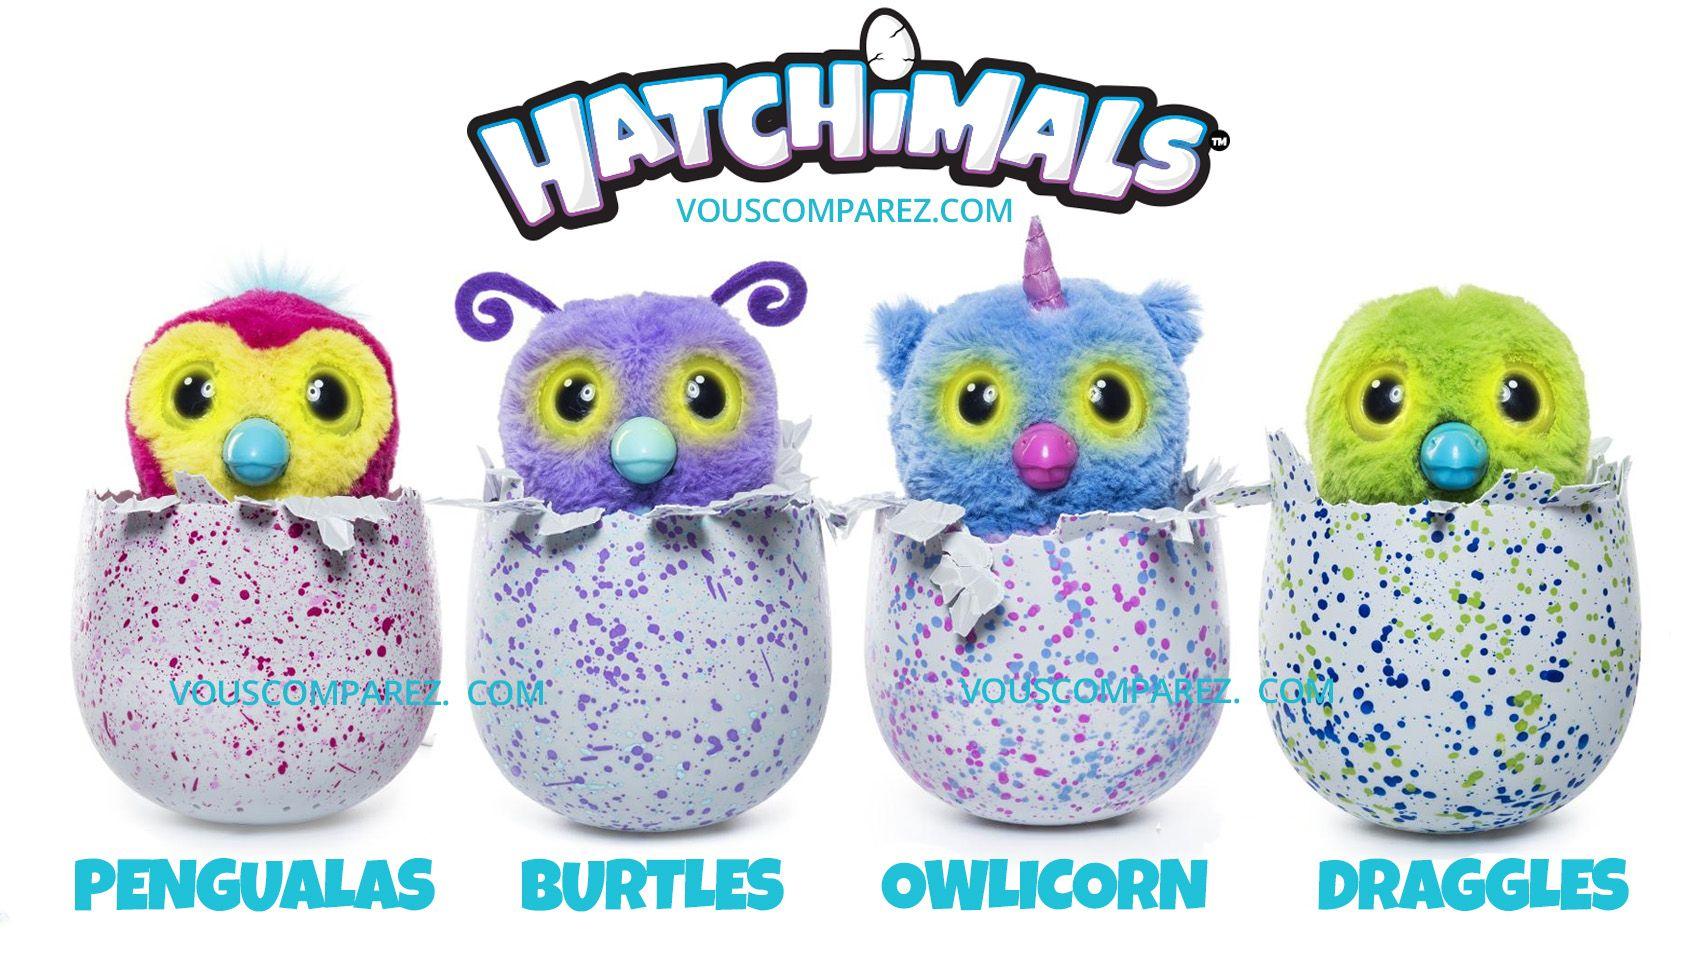 jouet hatchimal